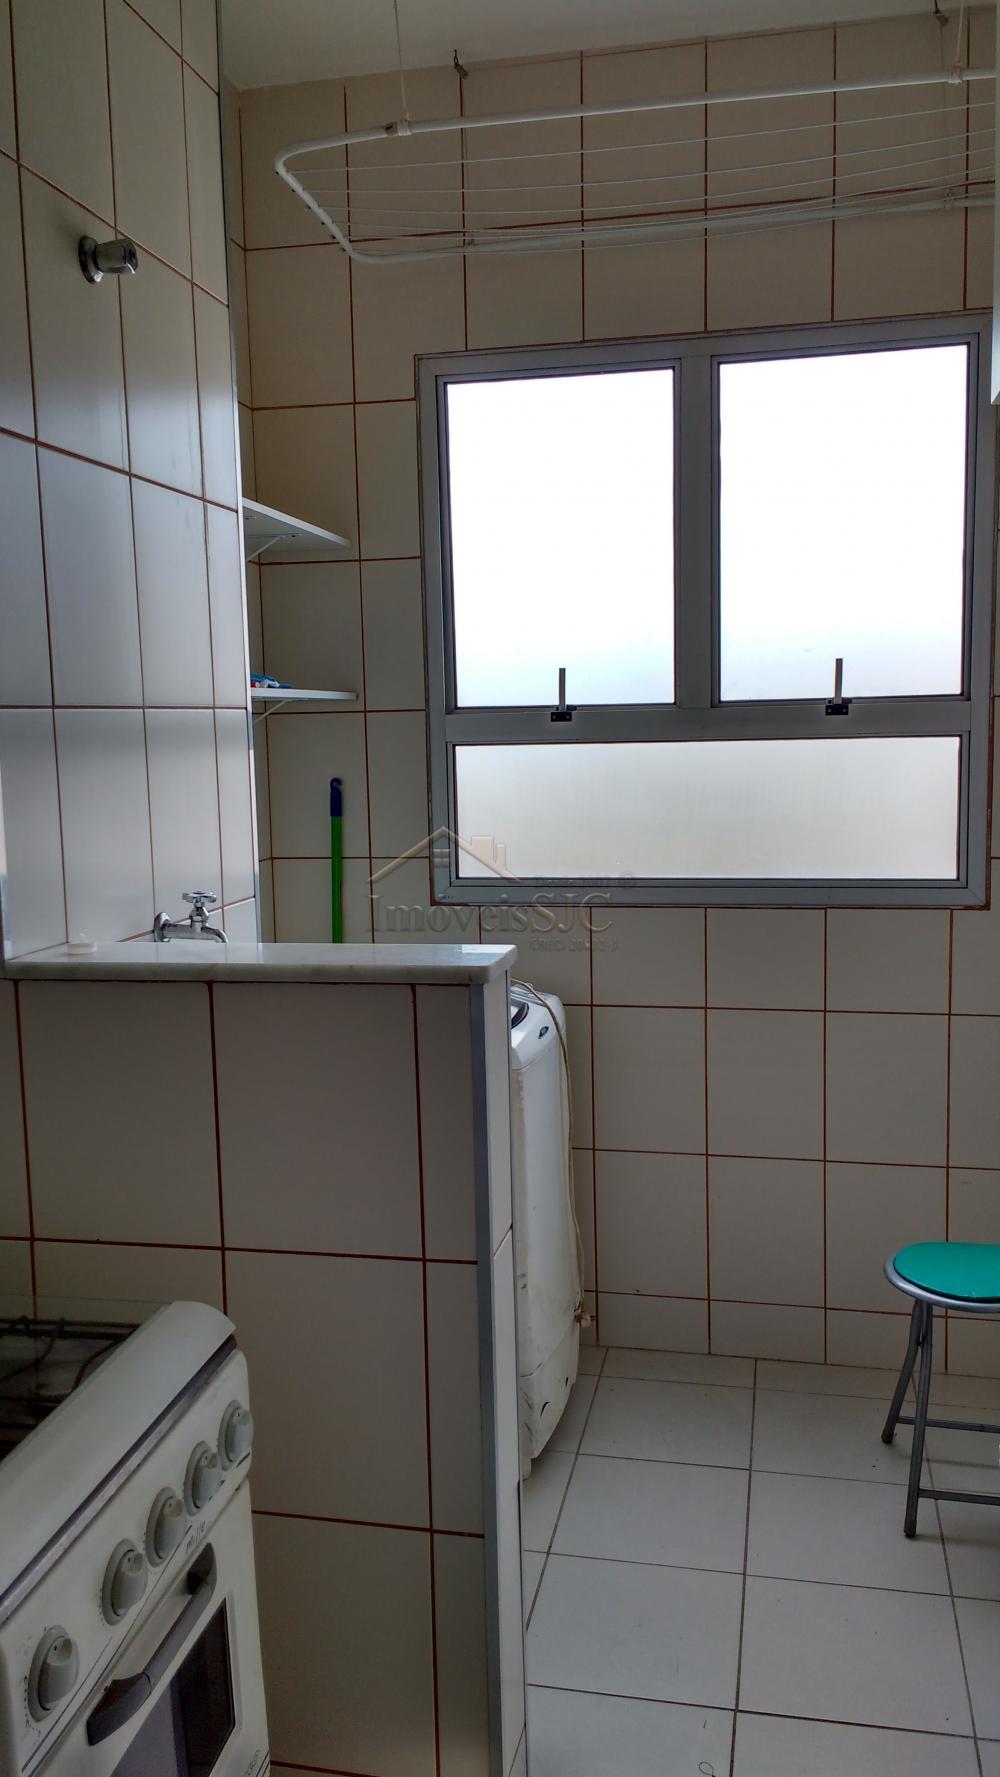 Comprar Apartamentos / Padrão em São José dos Campos apenas R$ 200.000,00 - Foto 14